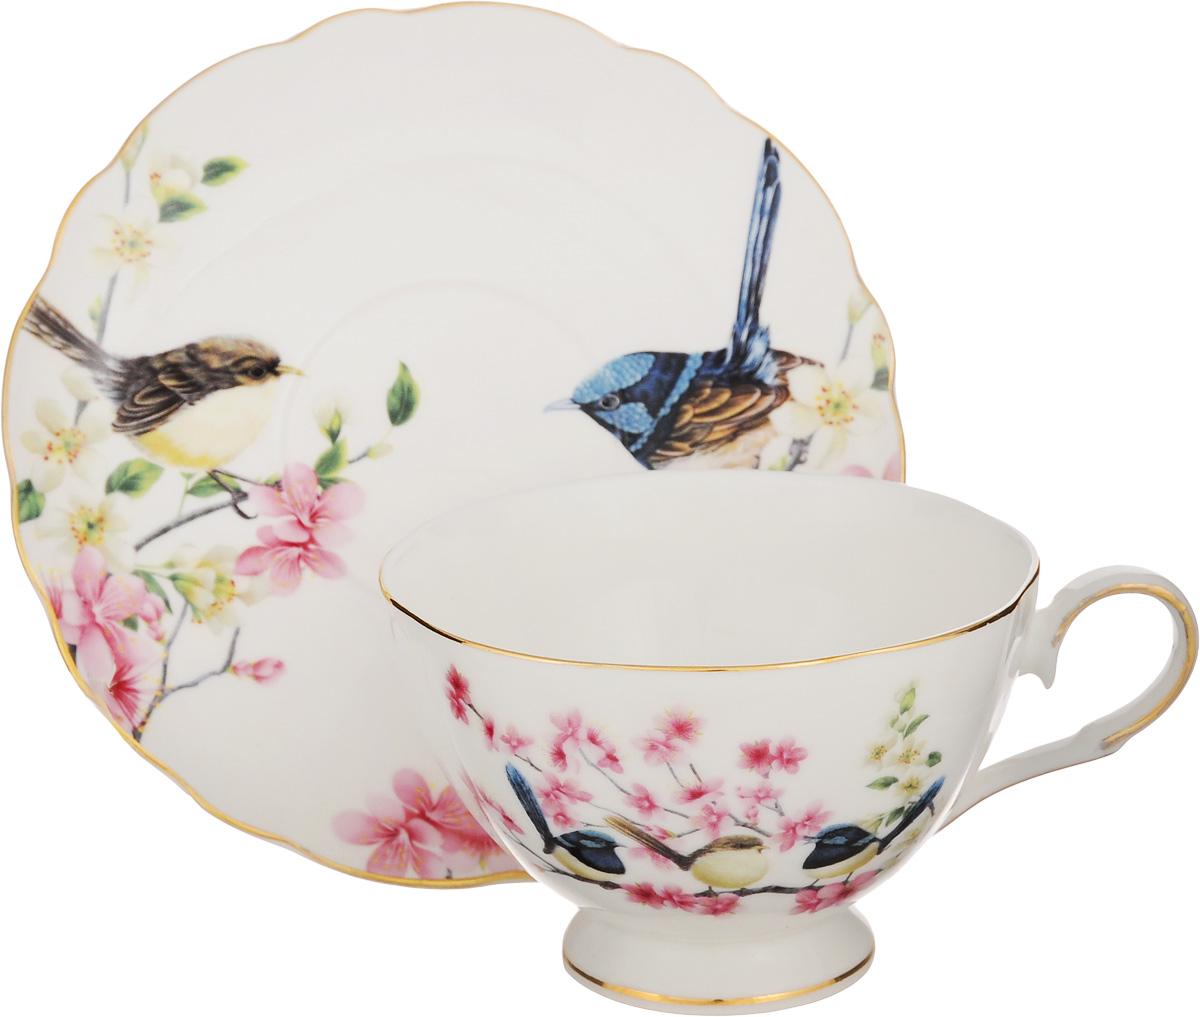 """Чайная пара Elan Gallery """"Райские птички"""" состоит  из чашки и блюдца, изготовленных из керамики  высшего качества, отличающегося необыкновенной  прочностью и небольшим весом. Яркий дизайн,  несомненно, придется вам по  вкусу. Чайная пара Elan Gallery """"Райские птички"""" украсит  ваш кухонный стол, а также станет замечательным  подарком к любому празднику.  Не рекомендуется применять абразивные моющие  средства. Не использовать в  микроволновой печи. Объем чашки: 200 мл. Диаметр чашки (по верхнему краю): 10 см. Высота чашки: 7 см. Диаметр блюдца (по верхнему краю): 15 см. Высота блюдца: 2 см."""